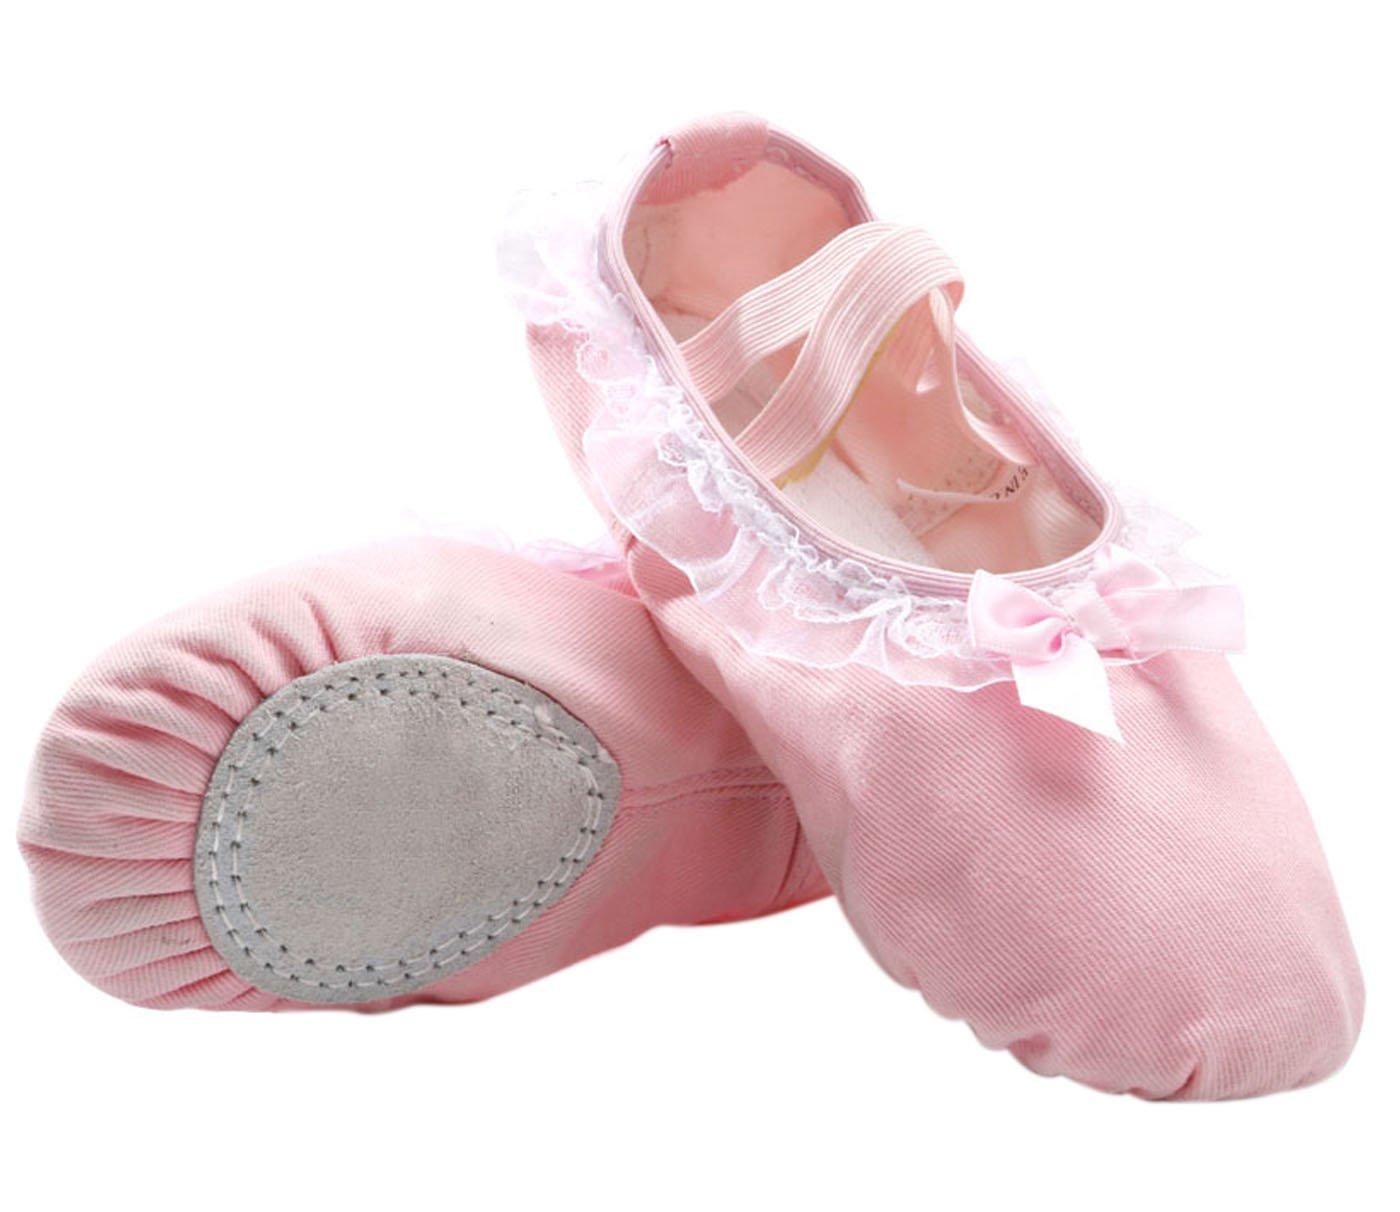 Panegy - Bailarinas Ballet Zapatillas Suela de Piel Punta Reforzada Zapatos de Danza Baile Gimnasio para Niña - EU 28 Rosa Ligero